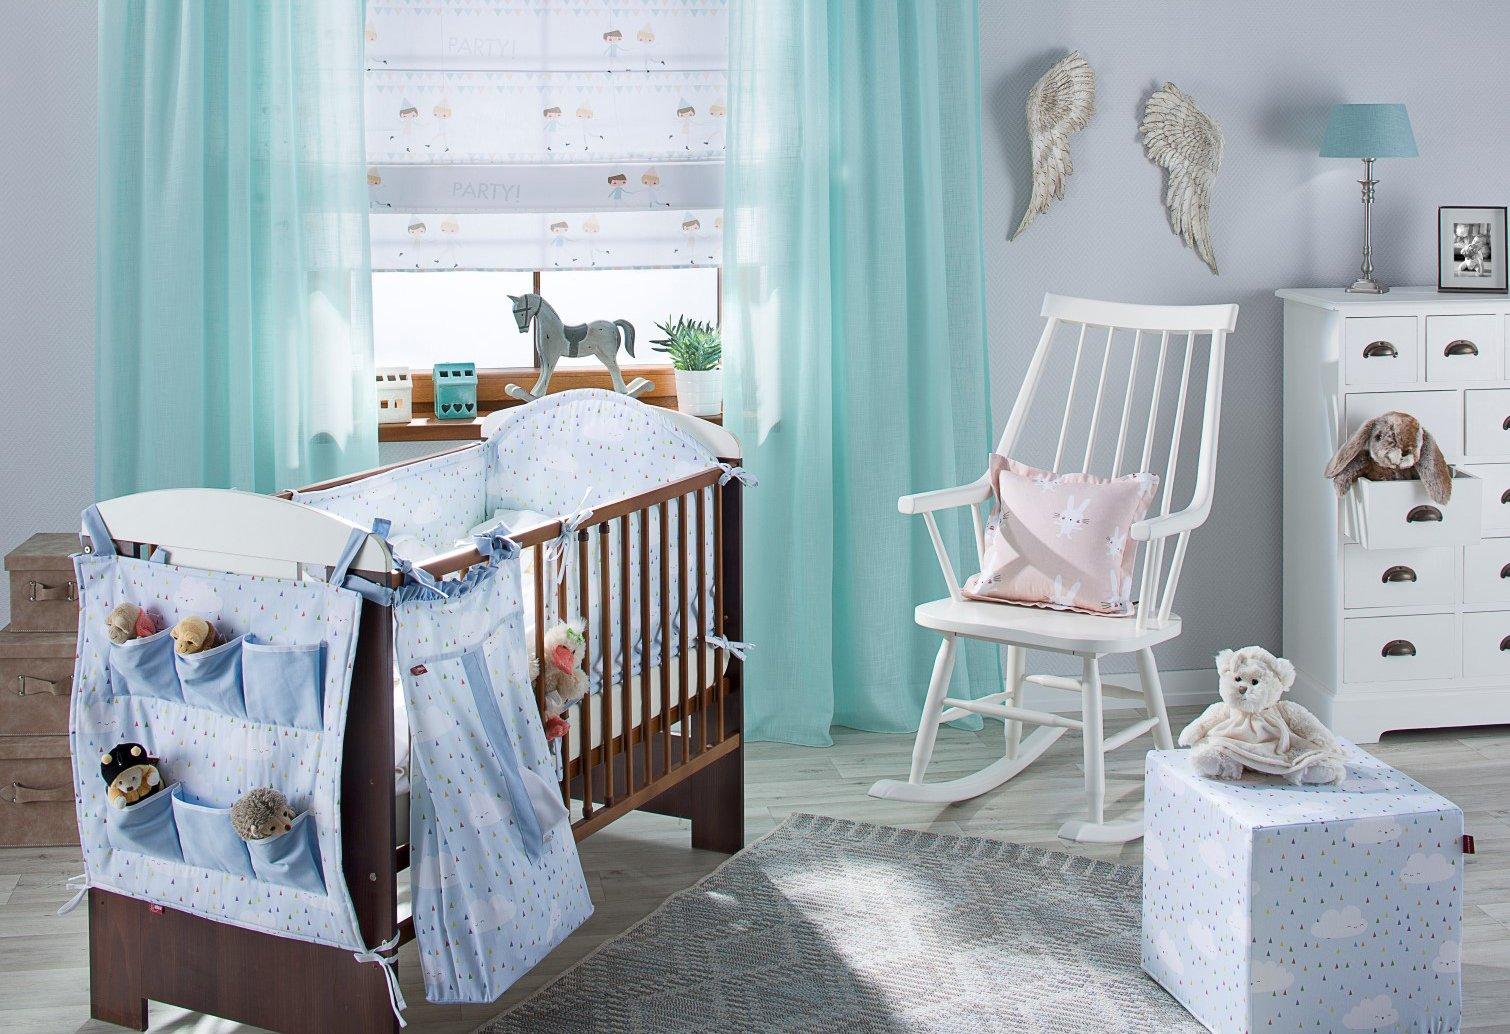 Detská izba - Apanona štýl